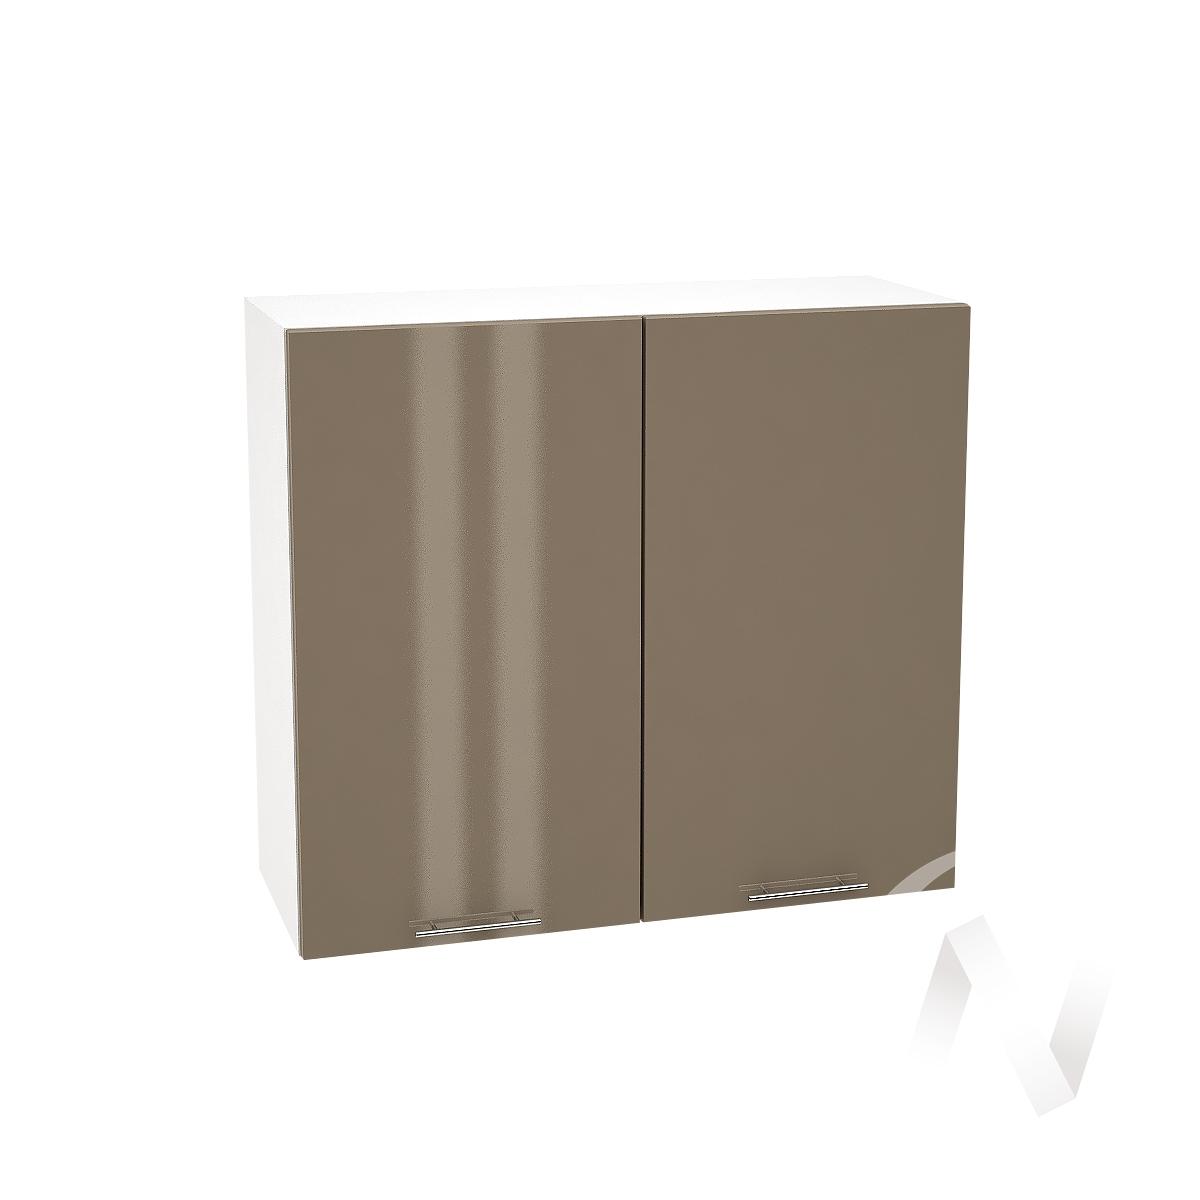 """Кухня """"Валерия-М"""": Шкаф верхний 800, ШВ 800 (Капучино глянец/корпус белый)"""